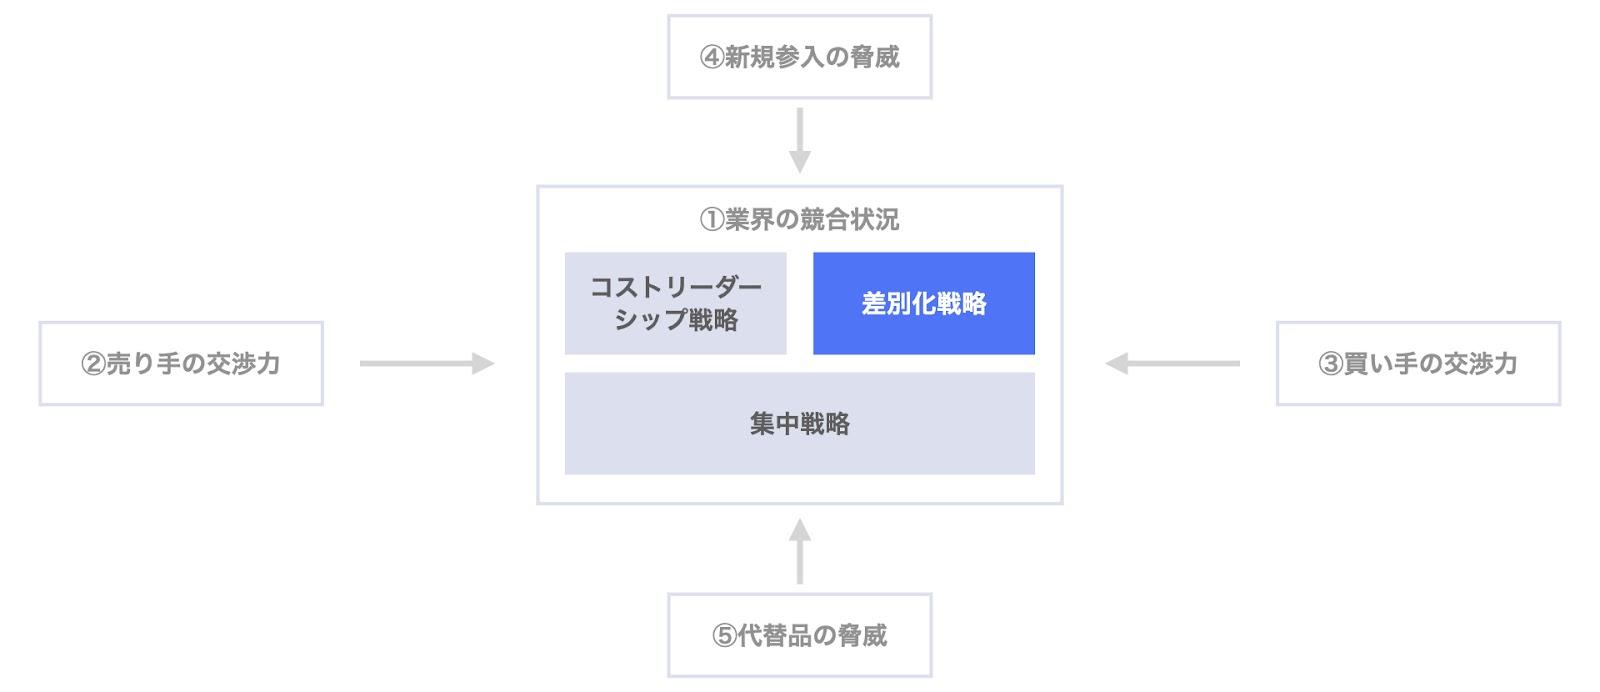 ポーターの3つの基本戦略:差別化戦略とファイブフォース分析の関係